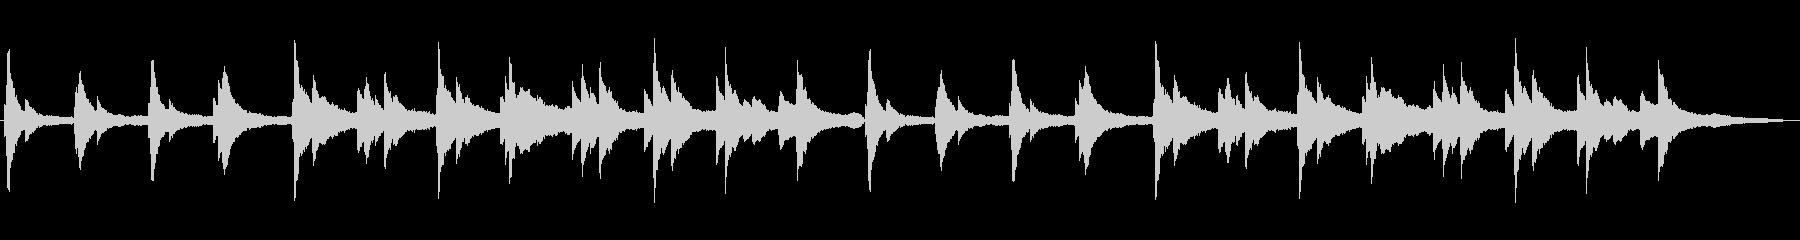 幻想的で静かなわびさびを感じるピアノソロの未再生の波形